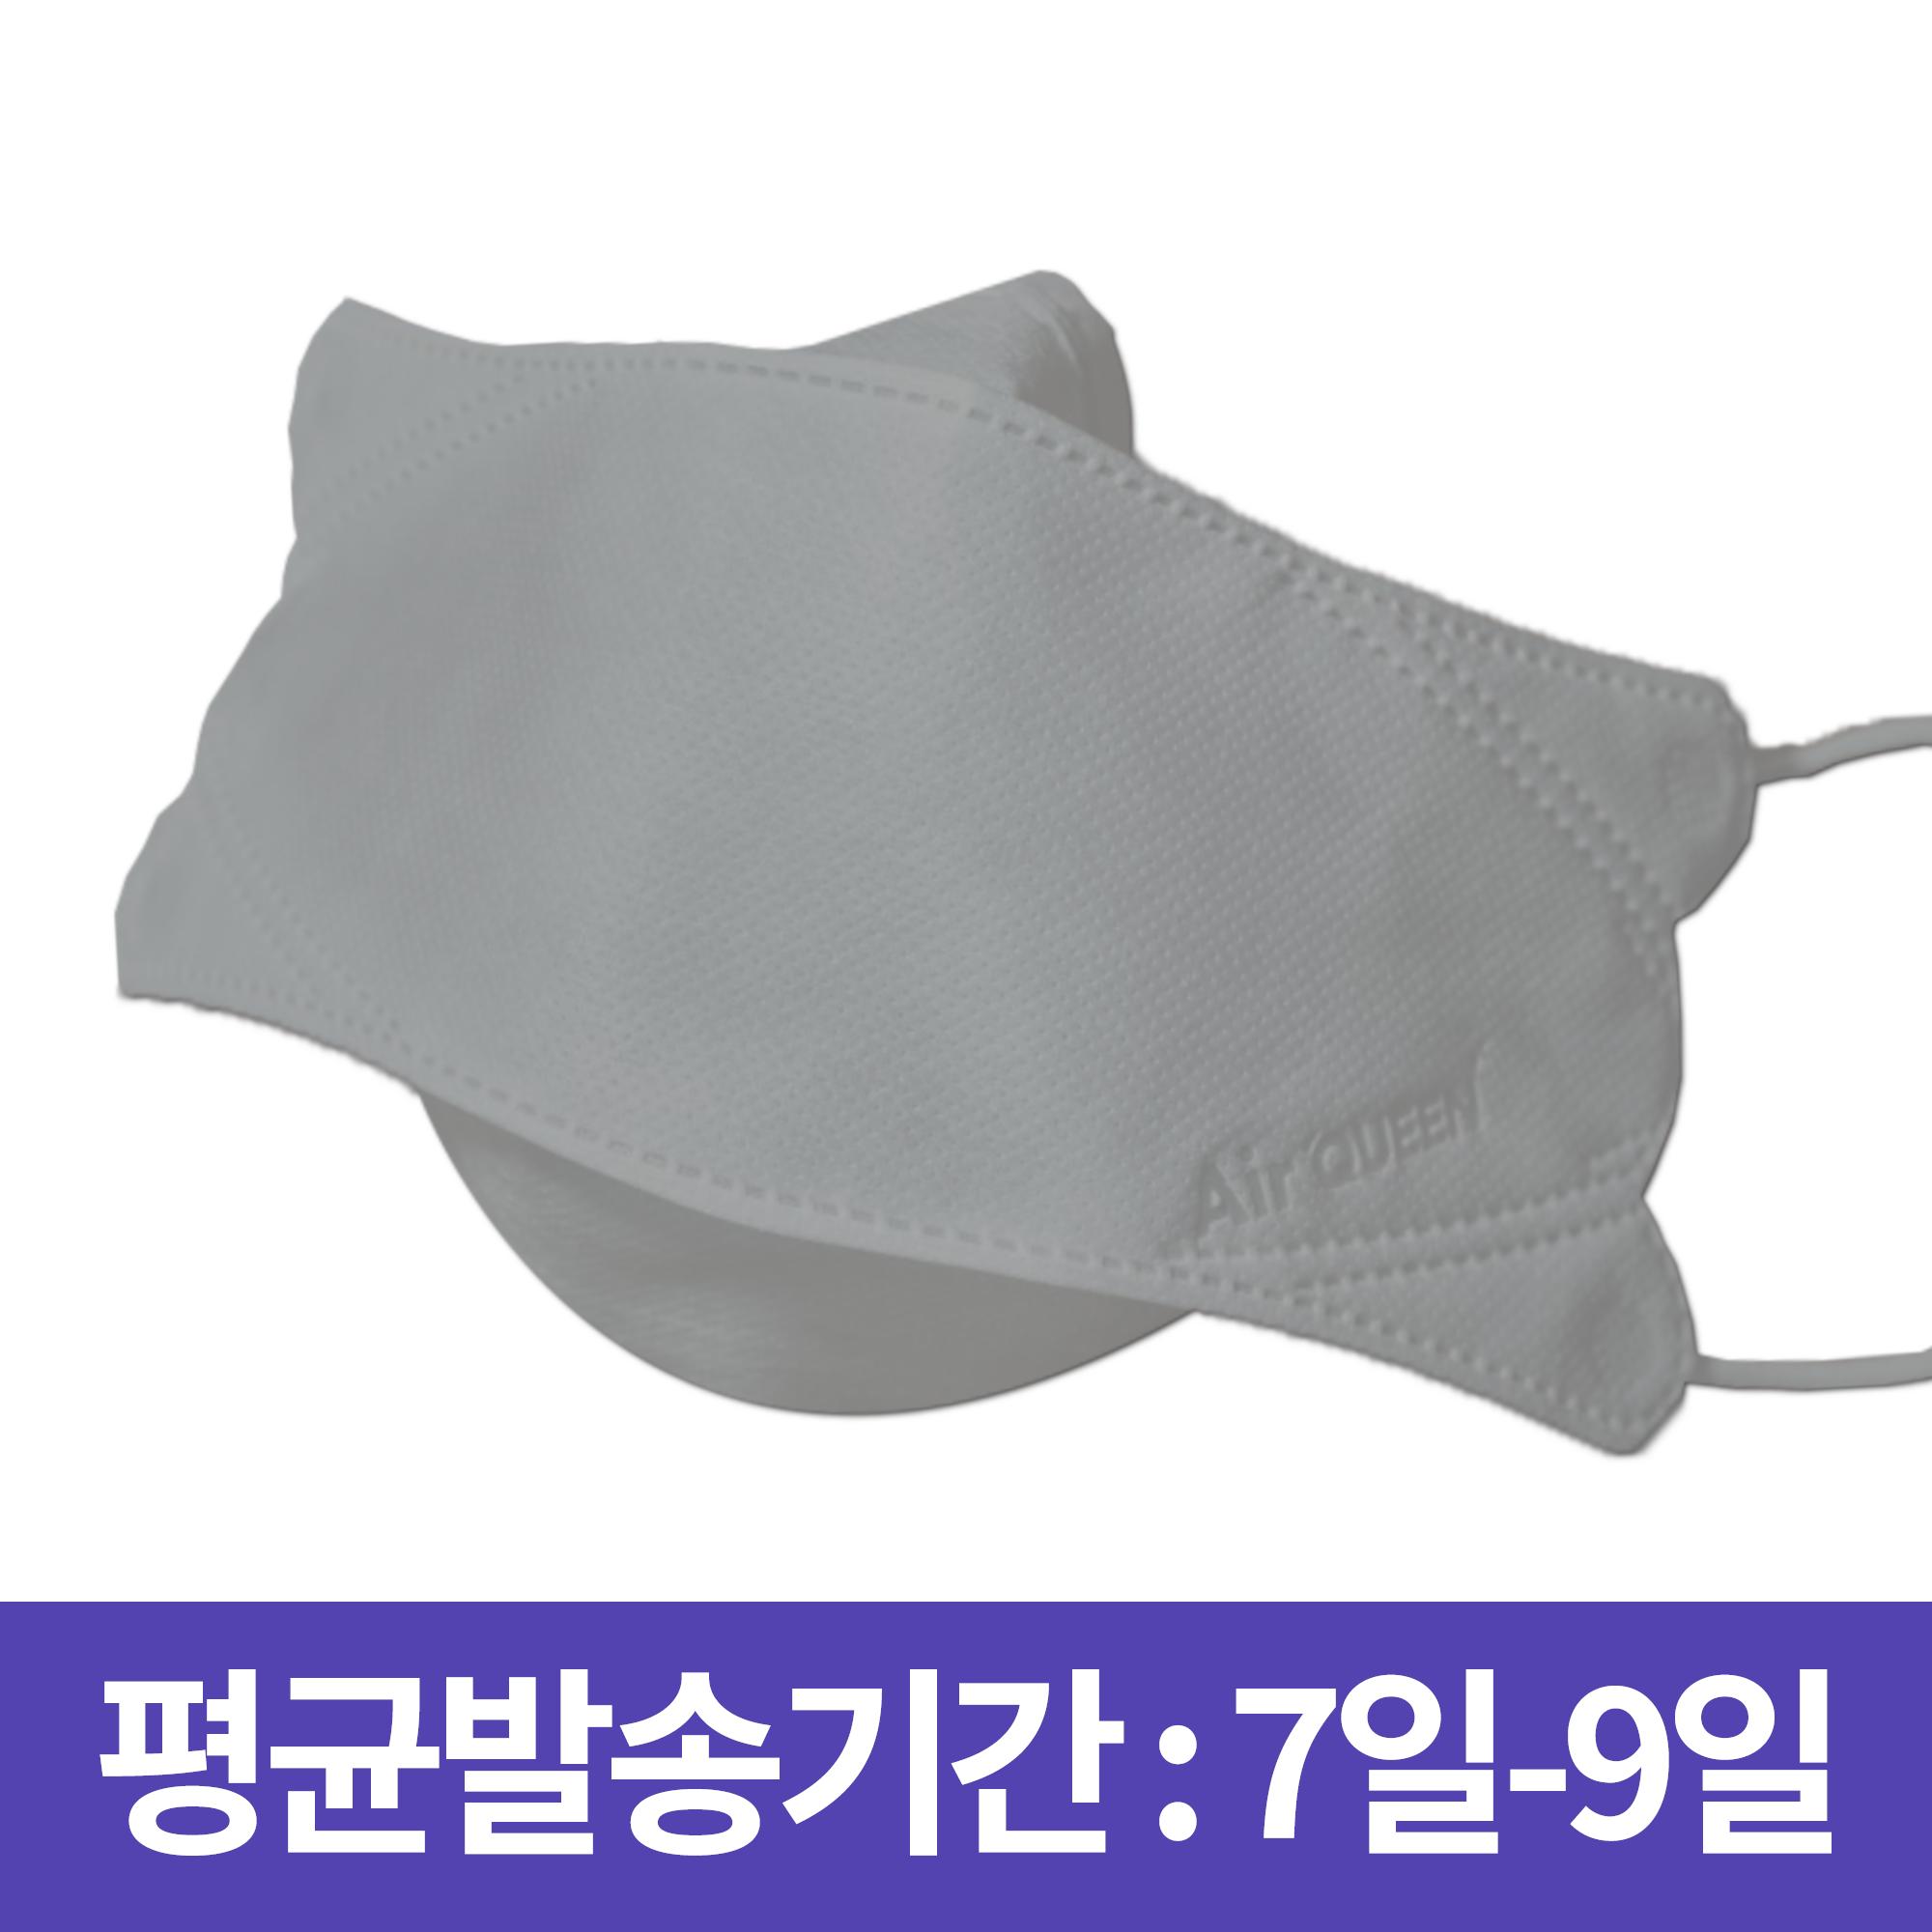 [레몬 에어퀸] 에어퀸 숨쉬기 편한 나노 마스크 10매 흰색, 1개, 10개